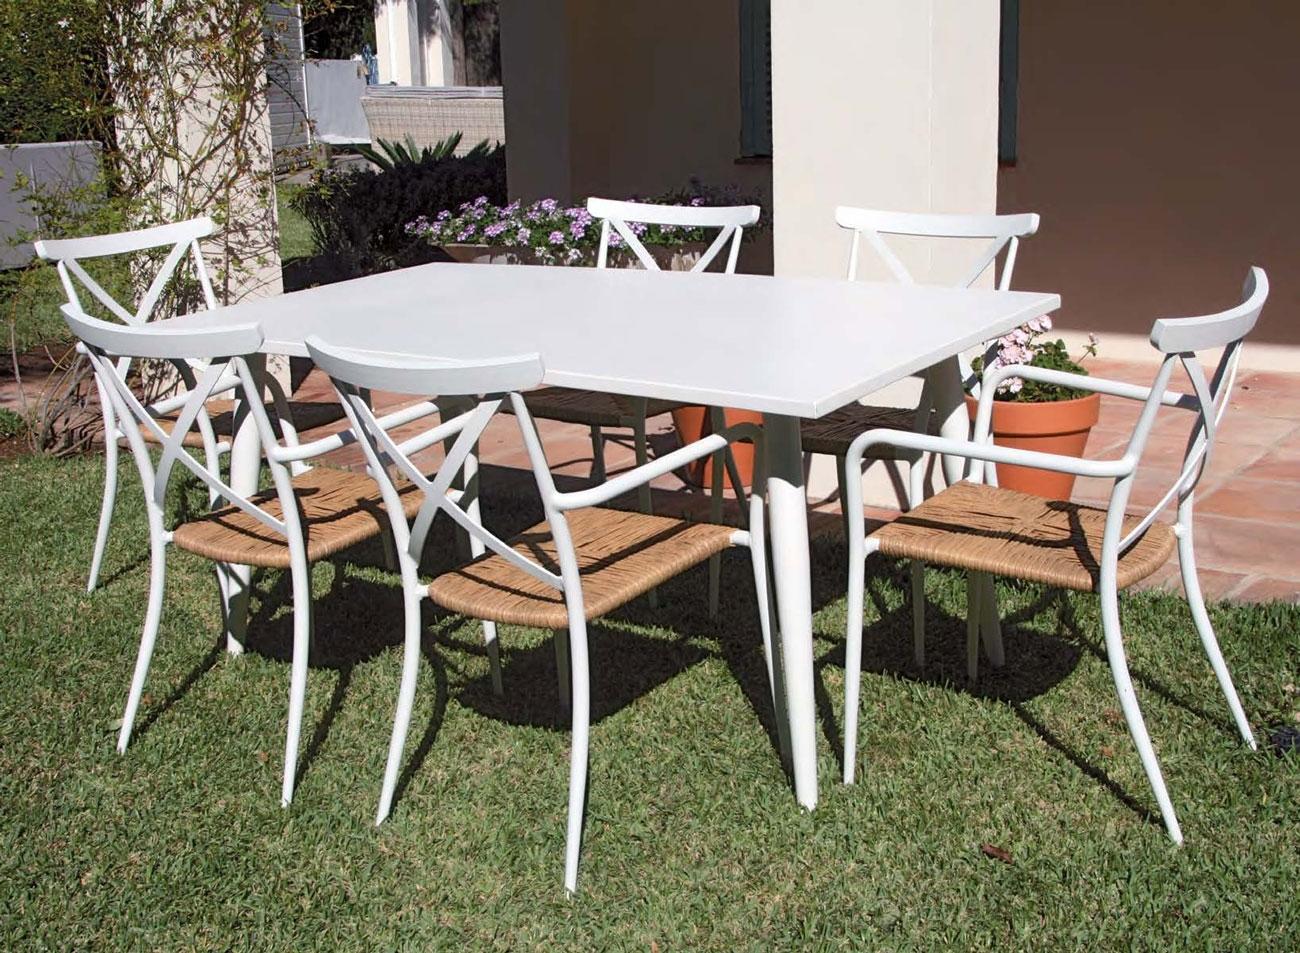 Set de mesa para exterior CHIC - Set de mesa de exterior con 6 sillones. Estructura de aluminio y cojineria en batyline